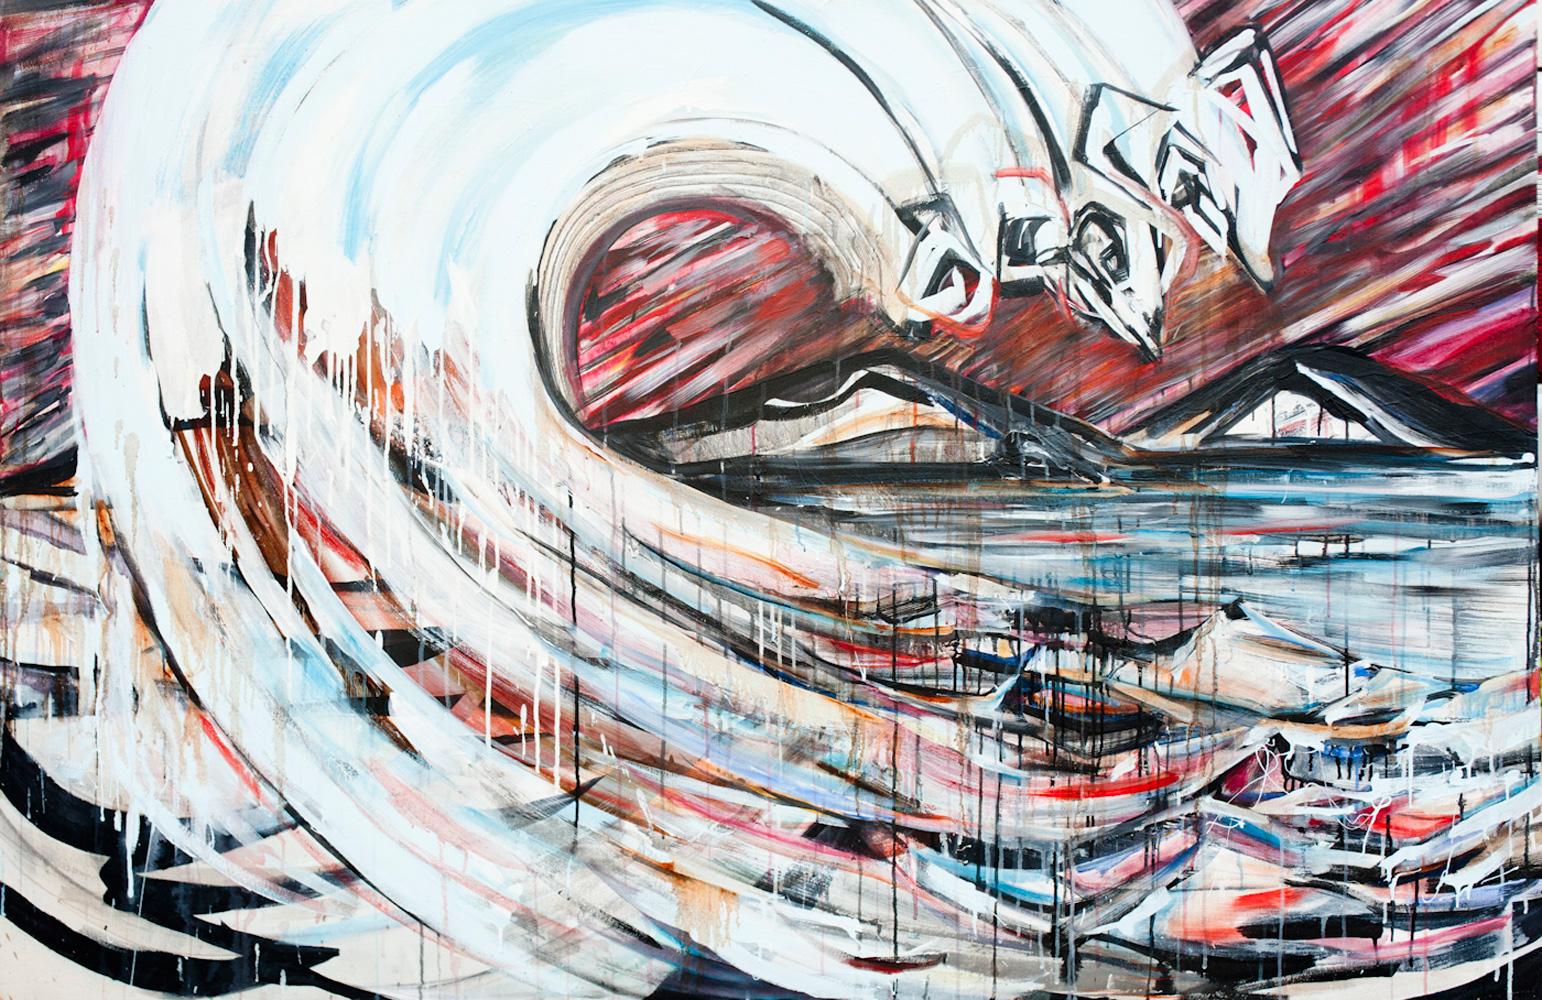 Tidal-Break-5x7ft-Mixed-media-on-canvas